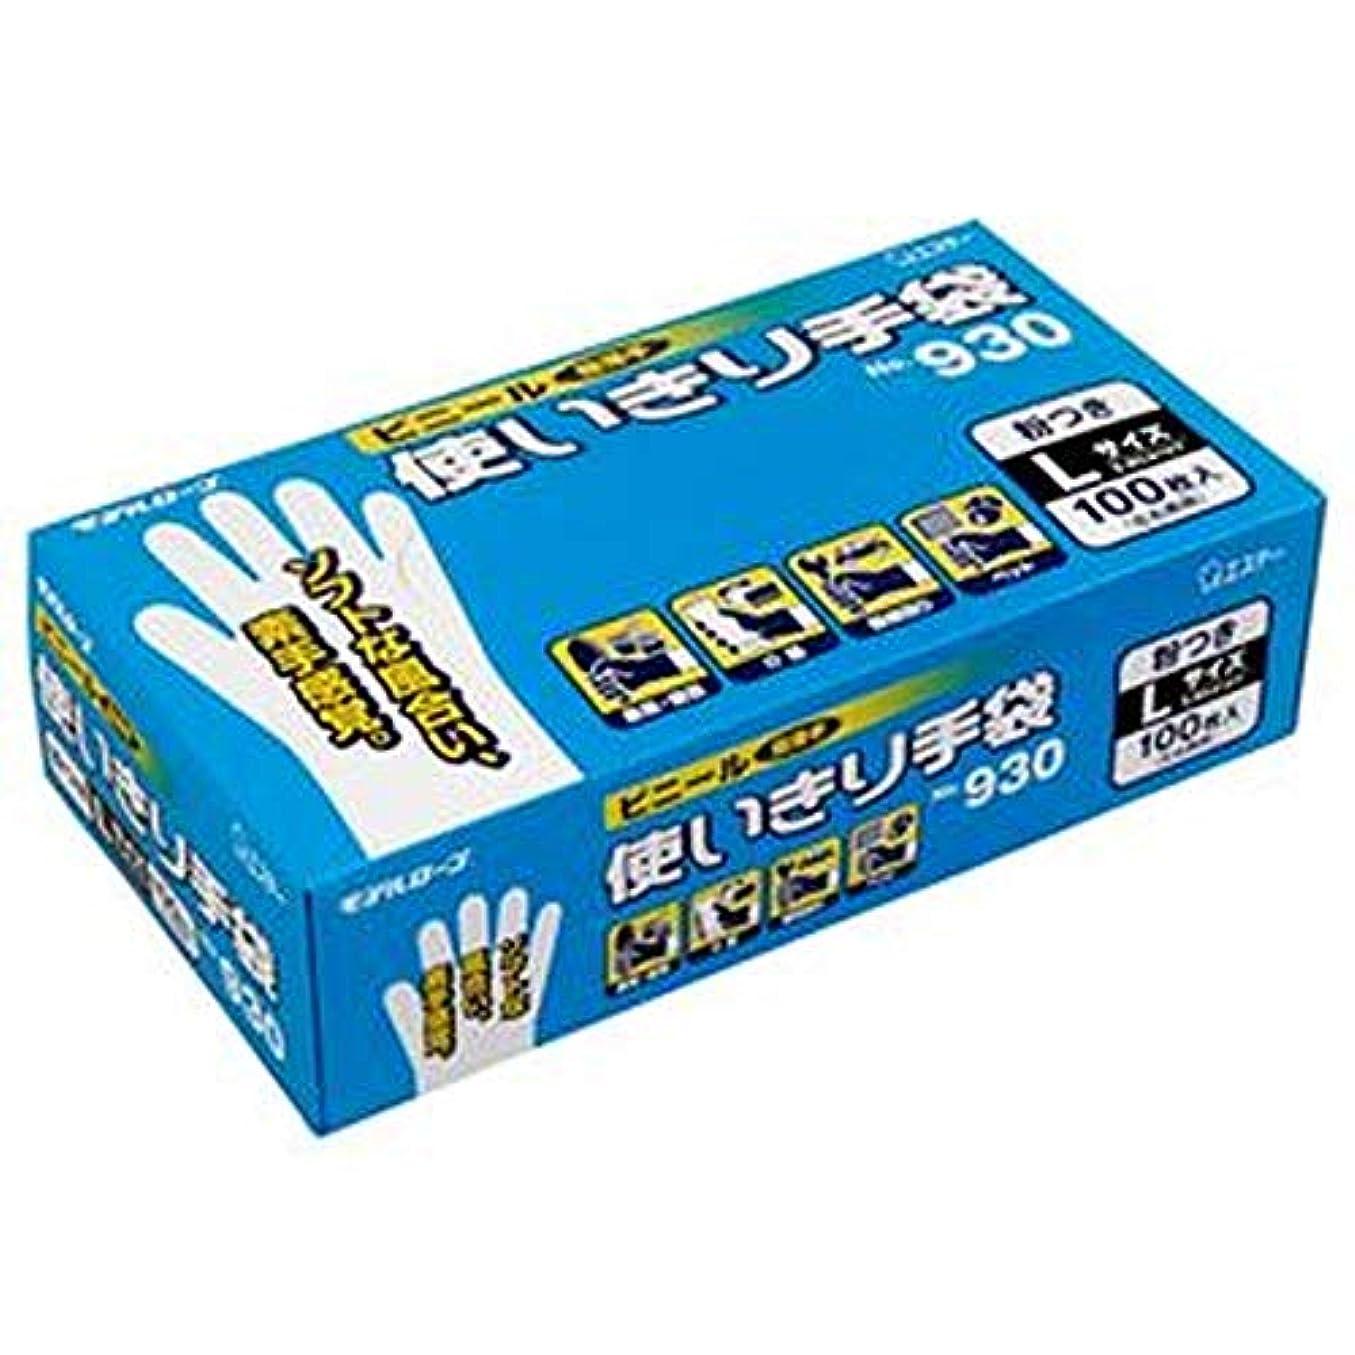 診療所刈る衝突コース- まとめ - / エステー/No.930 / ビニール使いきり手袋 - 粉付 - / L / 1箱 - 100枚 - / - ×5セット -